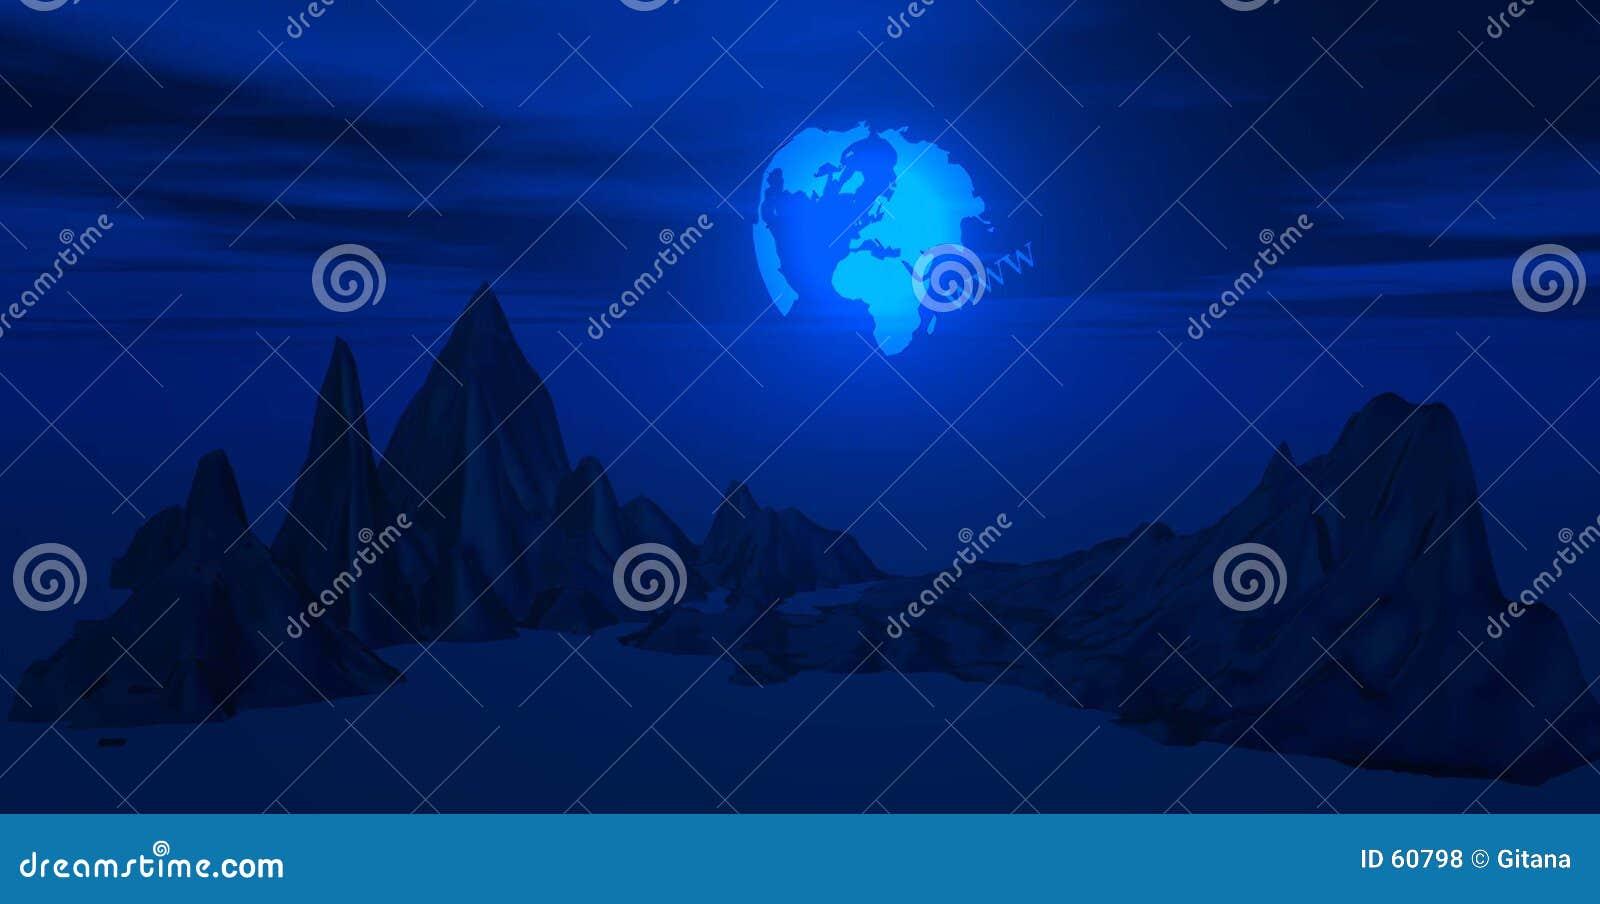 Ilustration du monde